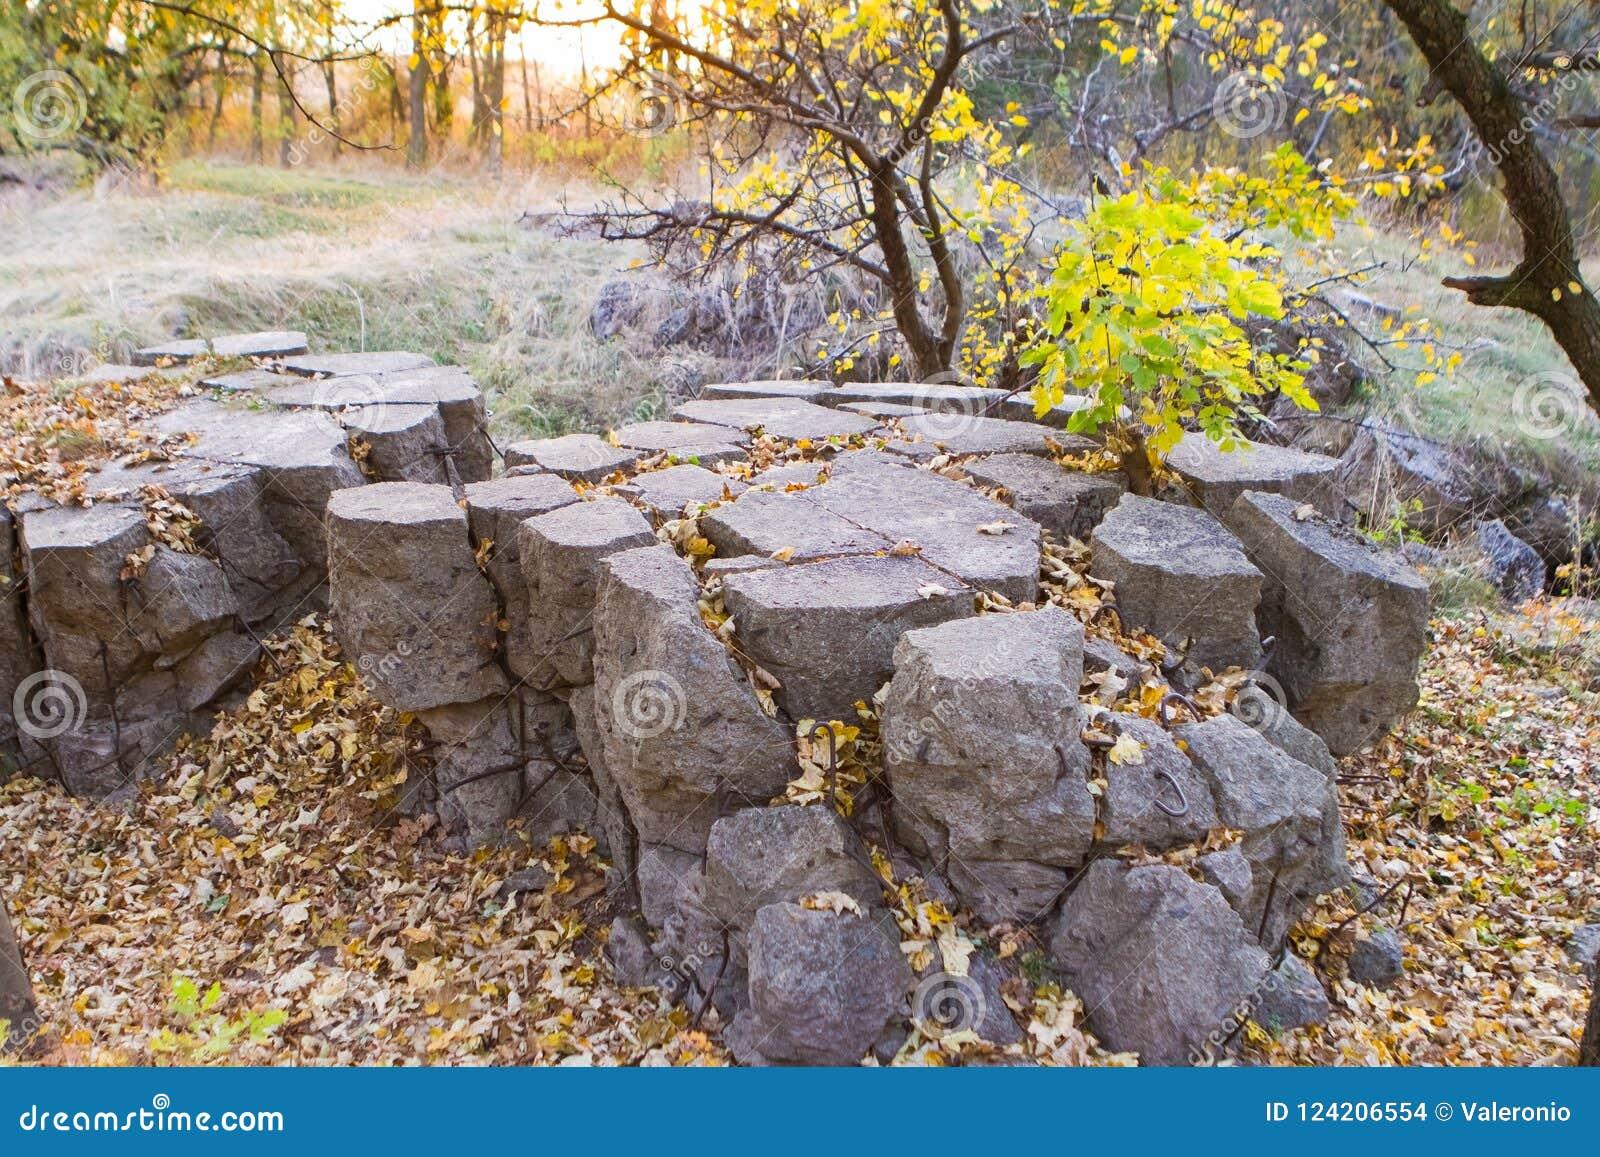 Werwolf, ruïnes van Adolf Hitler ` s vernietigt bestand concreet bunkerhoofdkwartier, staalmontage in vernietigd stuk van beton